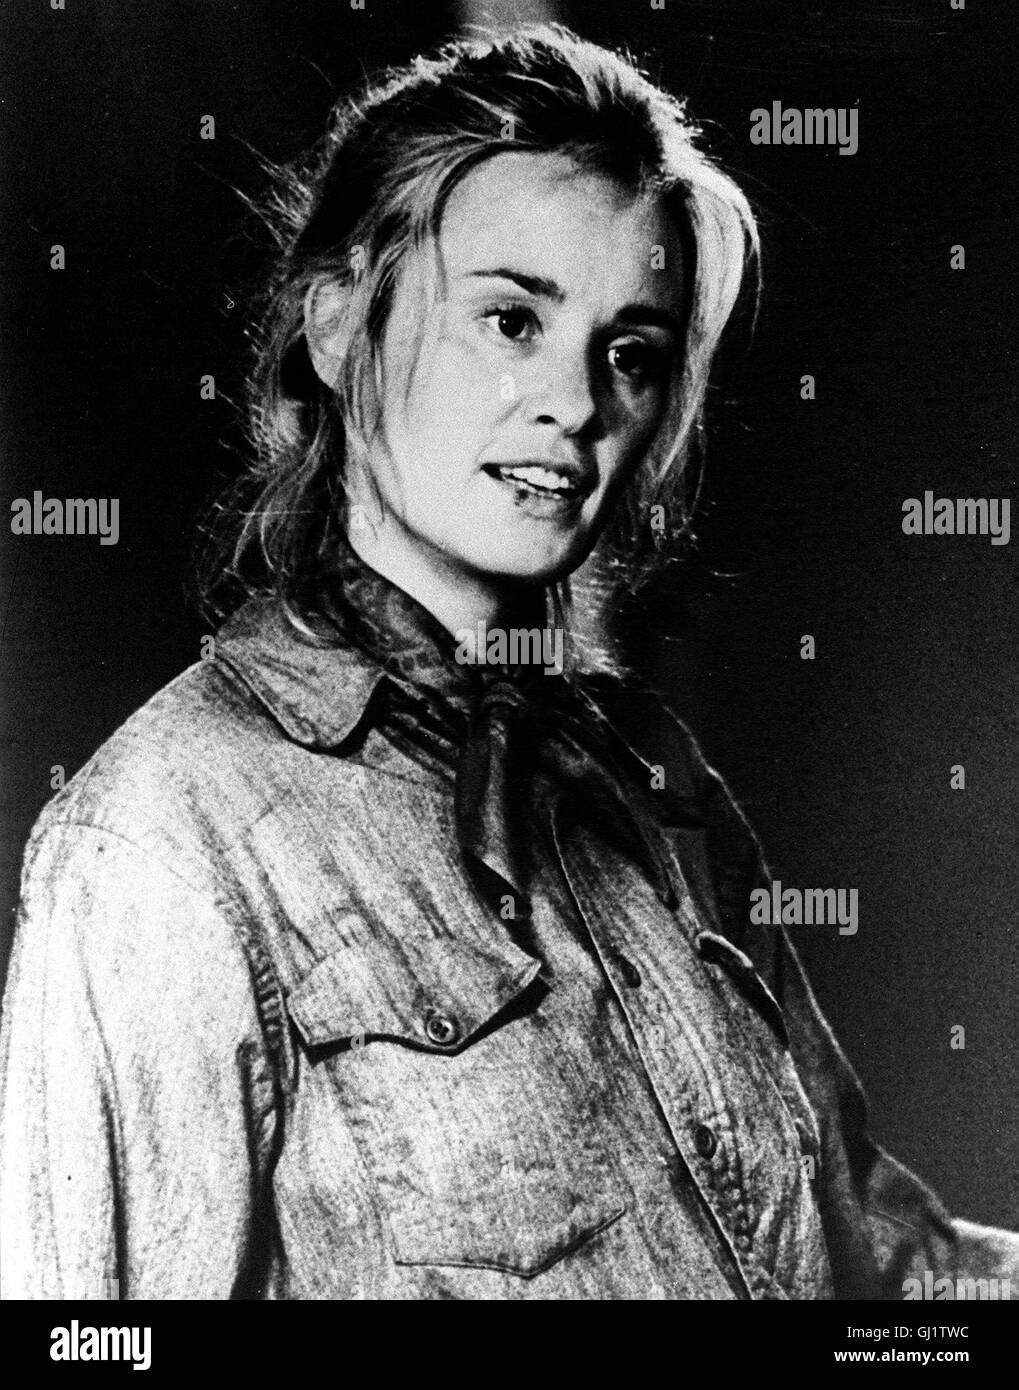 FRANCES -  Der Film erzählt die Lebensgeschichte der Hollywood-Schauspielerin Frances Farmer: Frances (gespielt Stock Photo